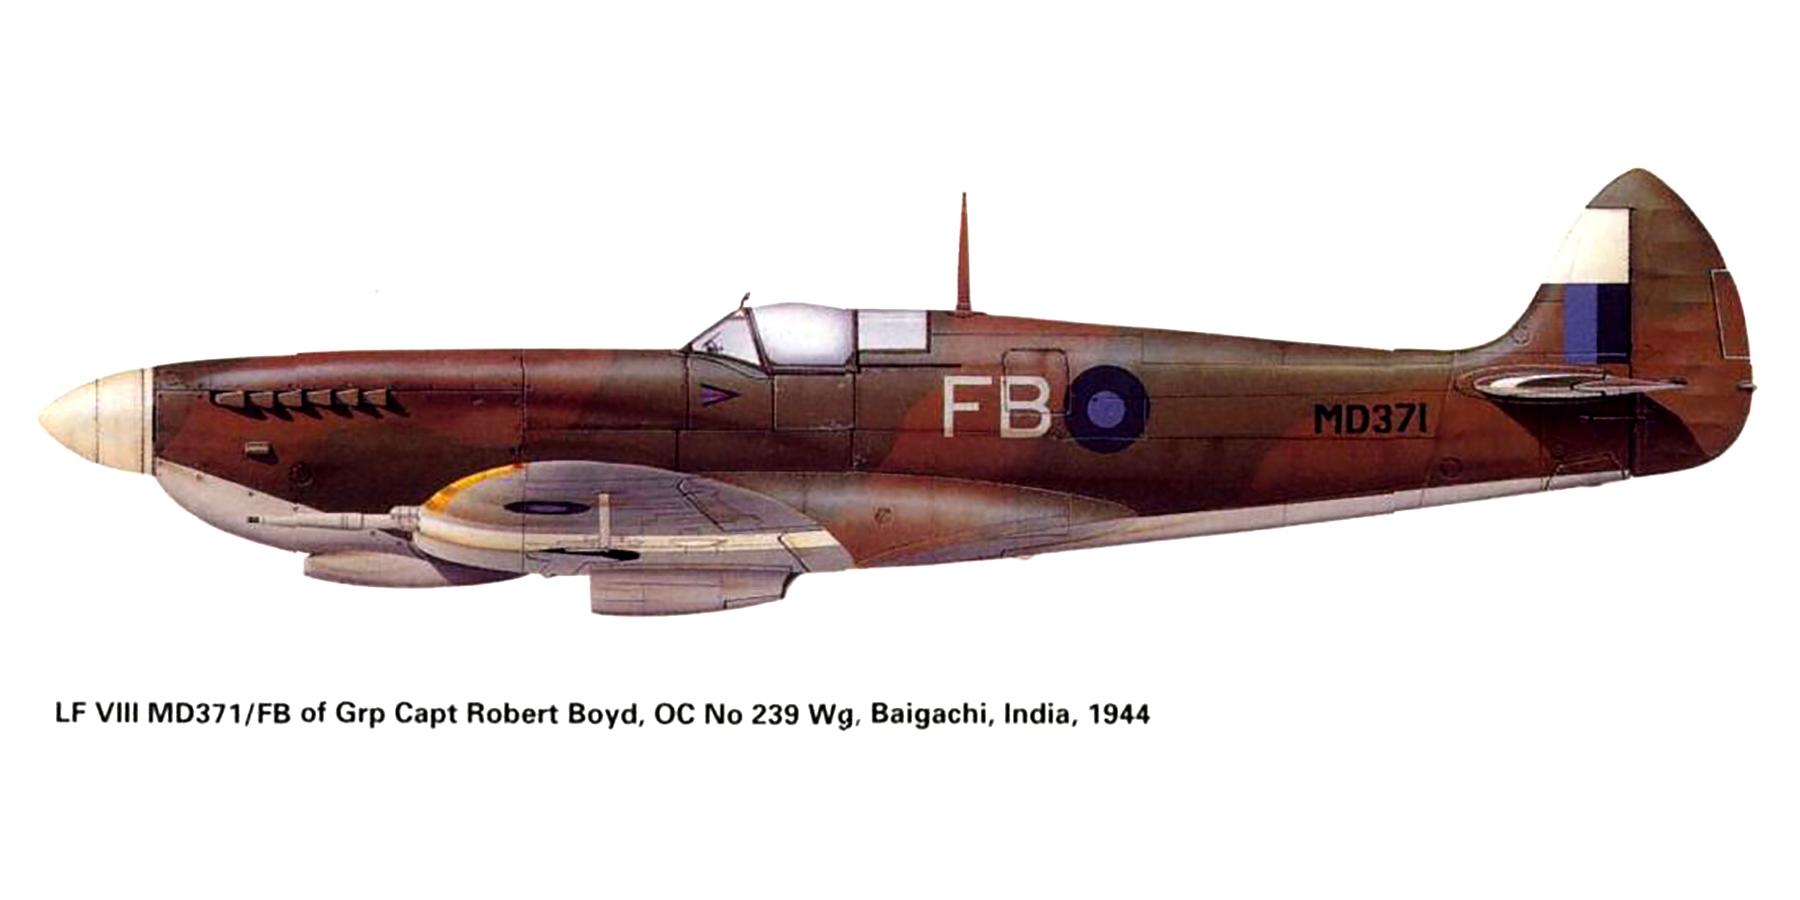 Spitfire LFVIII RAF 239FW FB Robert Boyd MD371 Baigachi India 1944 0A